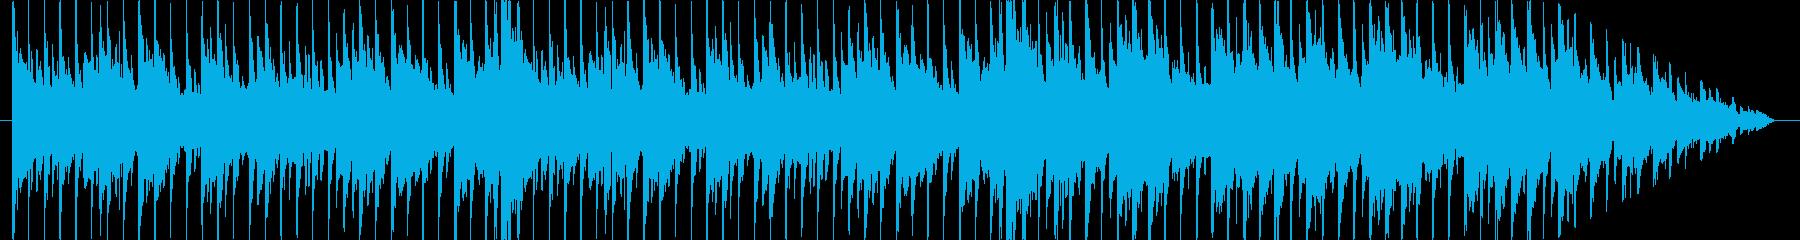 ポップでメロディアスな歌声と静かな...の再生済みの波形